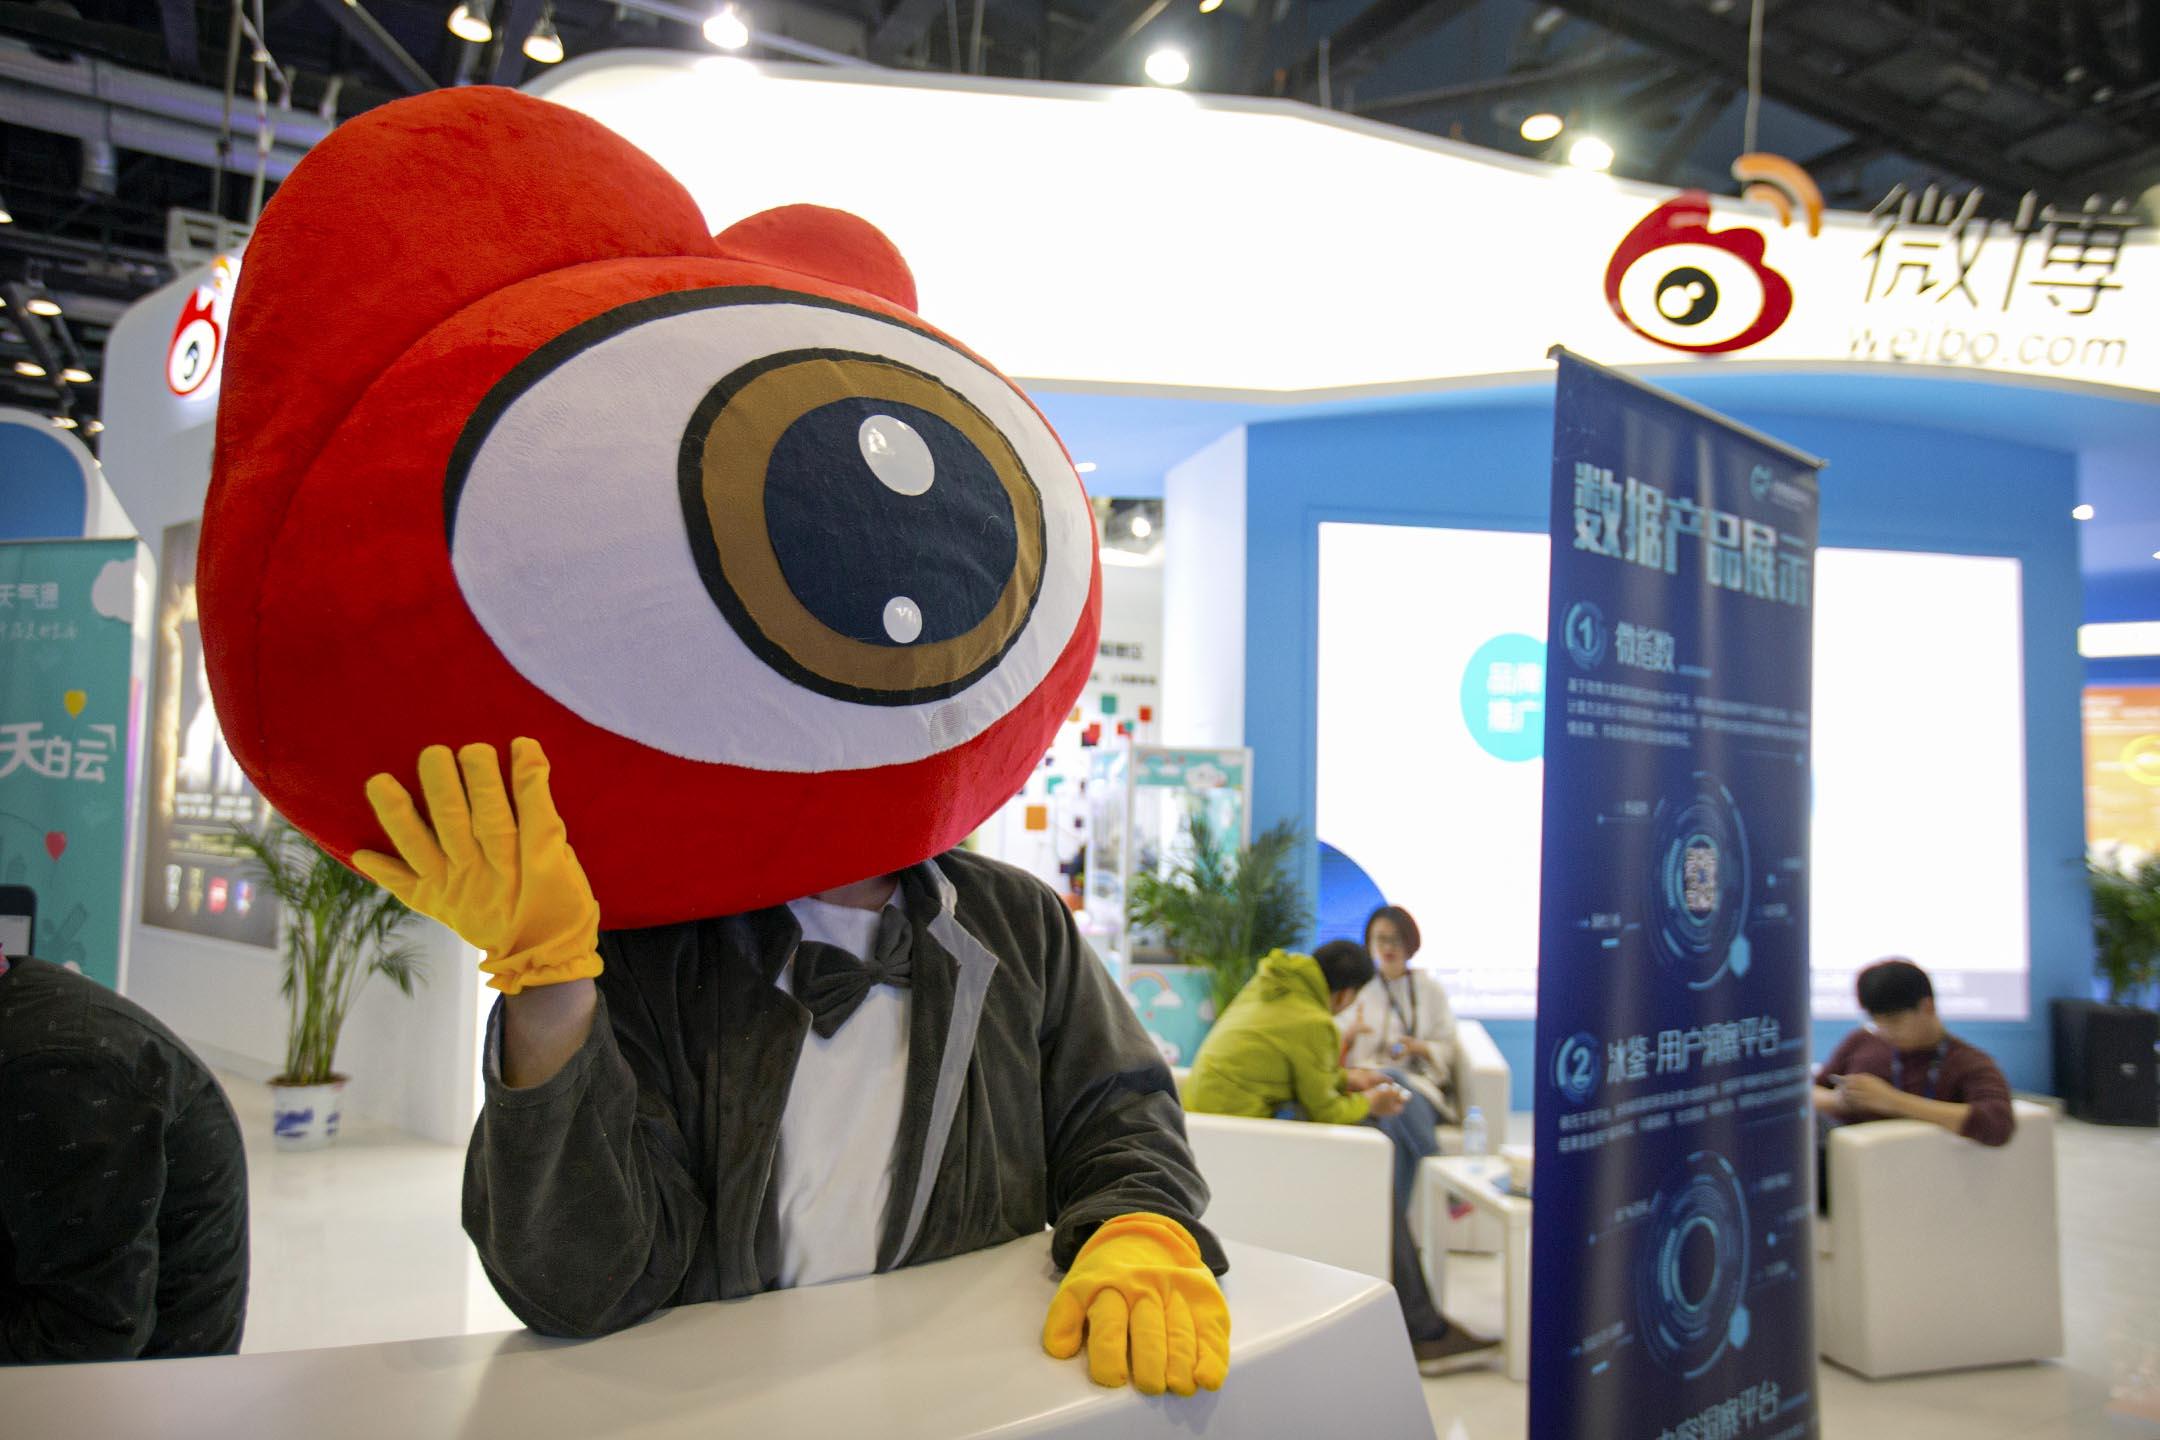 2017年4月27日北京,全球行動網際網路大會期間,一名身著卡通服裝的工作人員在新浪微博的展位等待訪客。 攝:Mark Schiefelbein/AP/達志影像